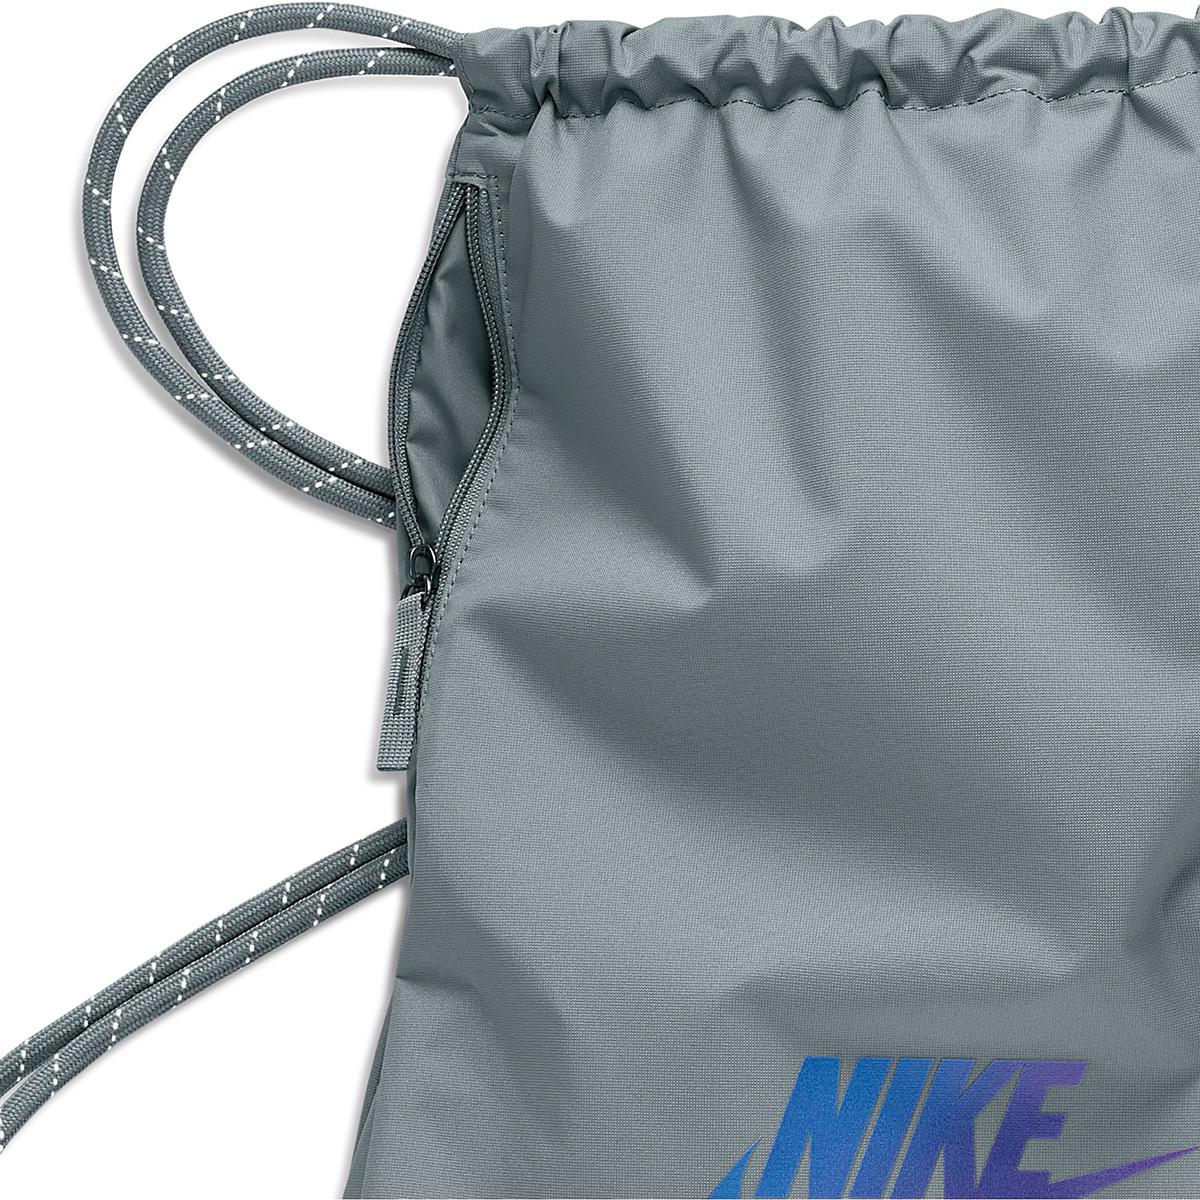 Nike Heritage Gym Sack - 2.0 - Color: Smoke Grey/Iridescent, Smoke Grey/Iridescent, large, image 3